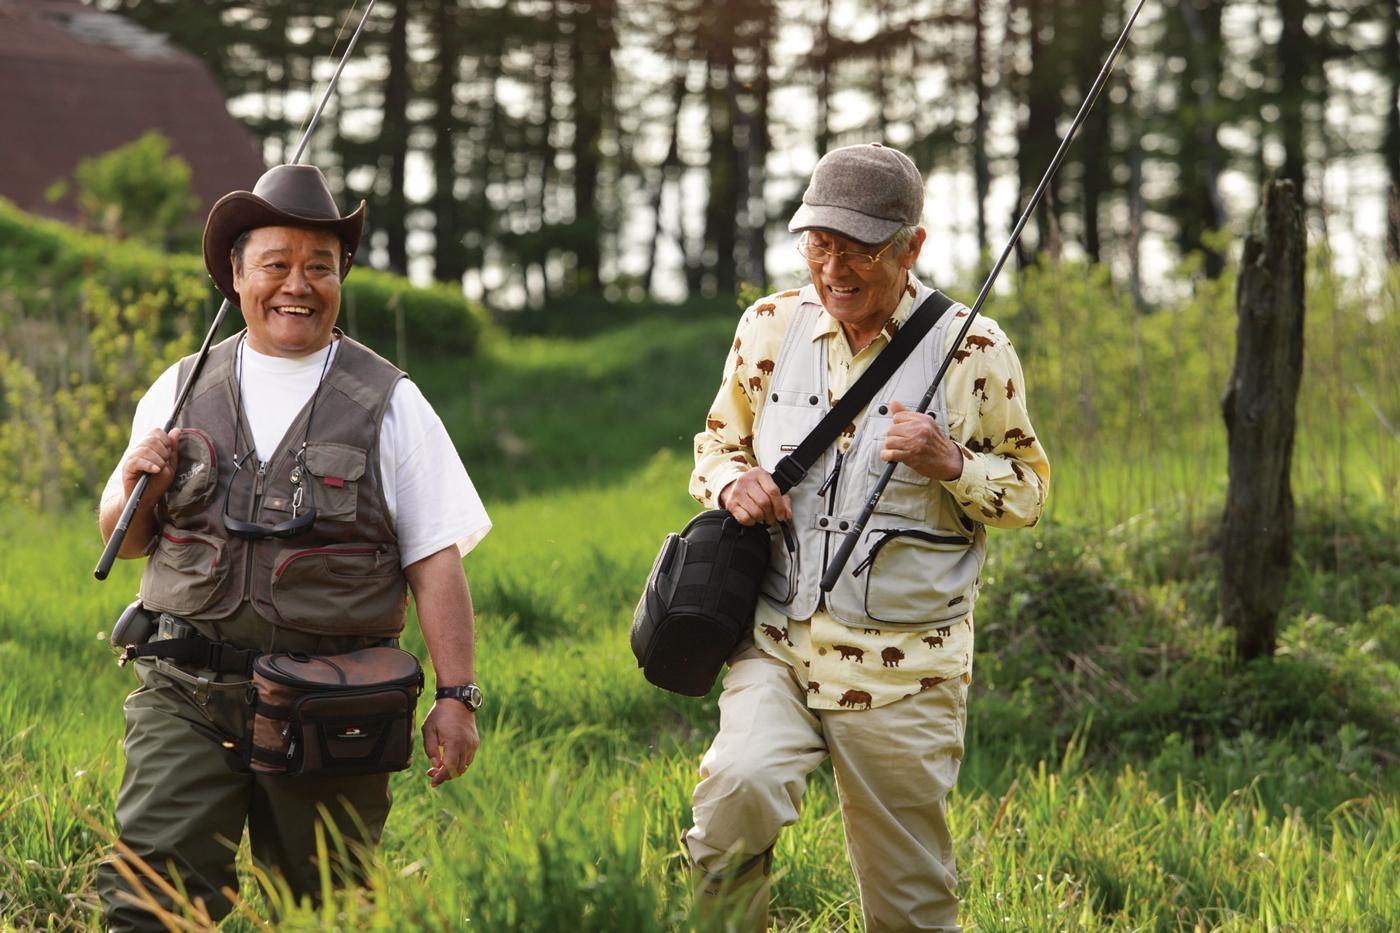 【写真を見る】『釣りバカ日誌20 ファイナル』(09)をはじめ、映画版全作が観られる!